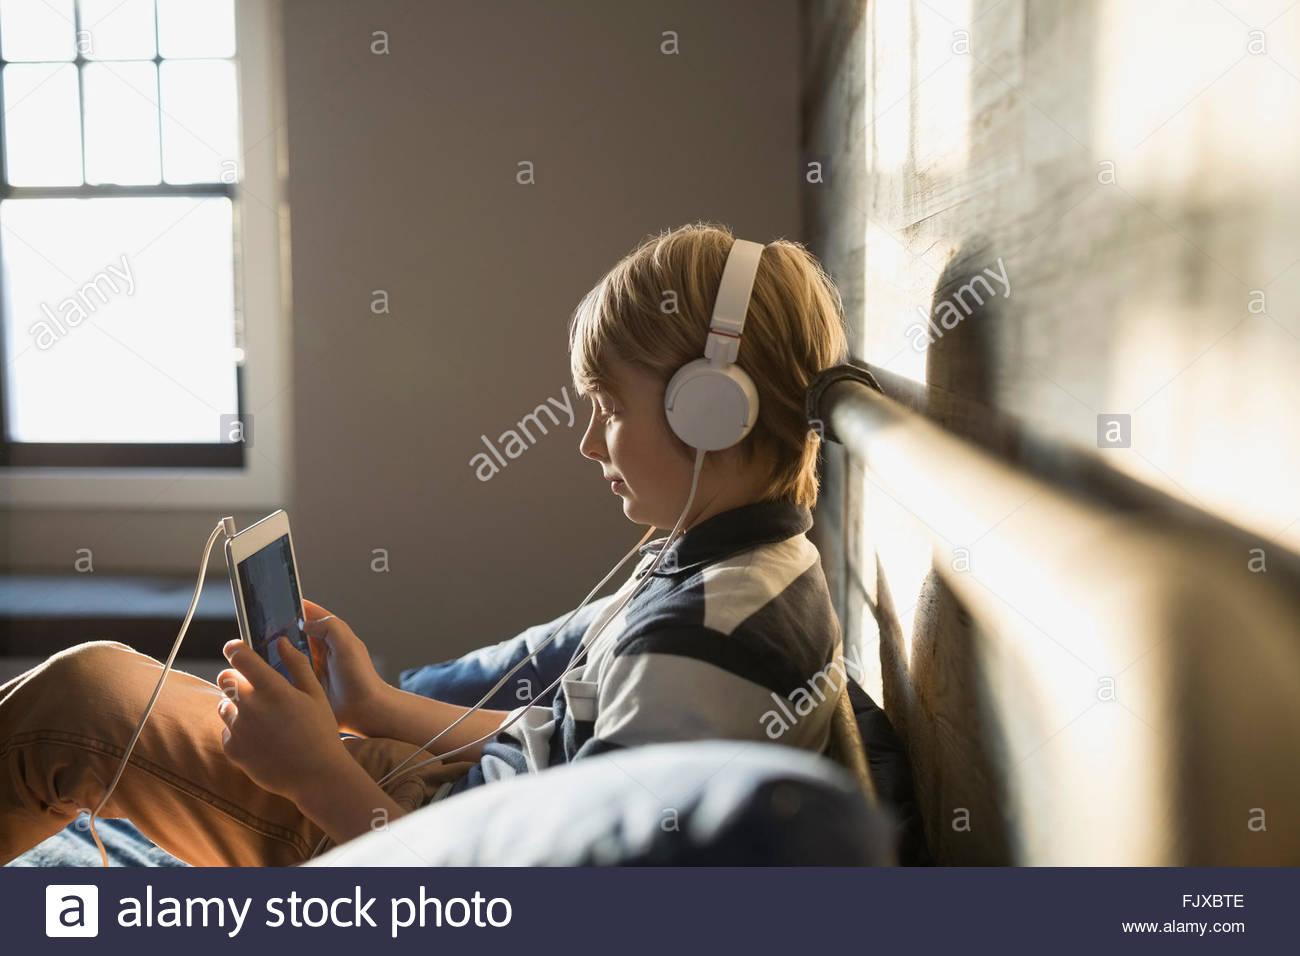 Garçon avec un casque using digital tablet Photo Stock